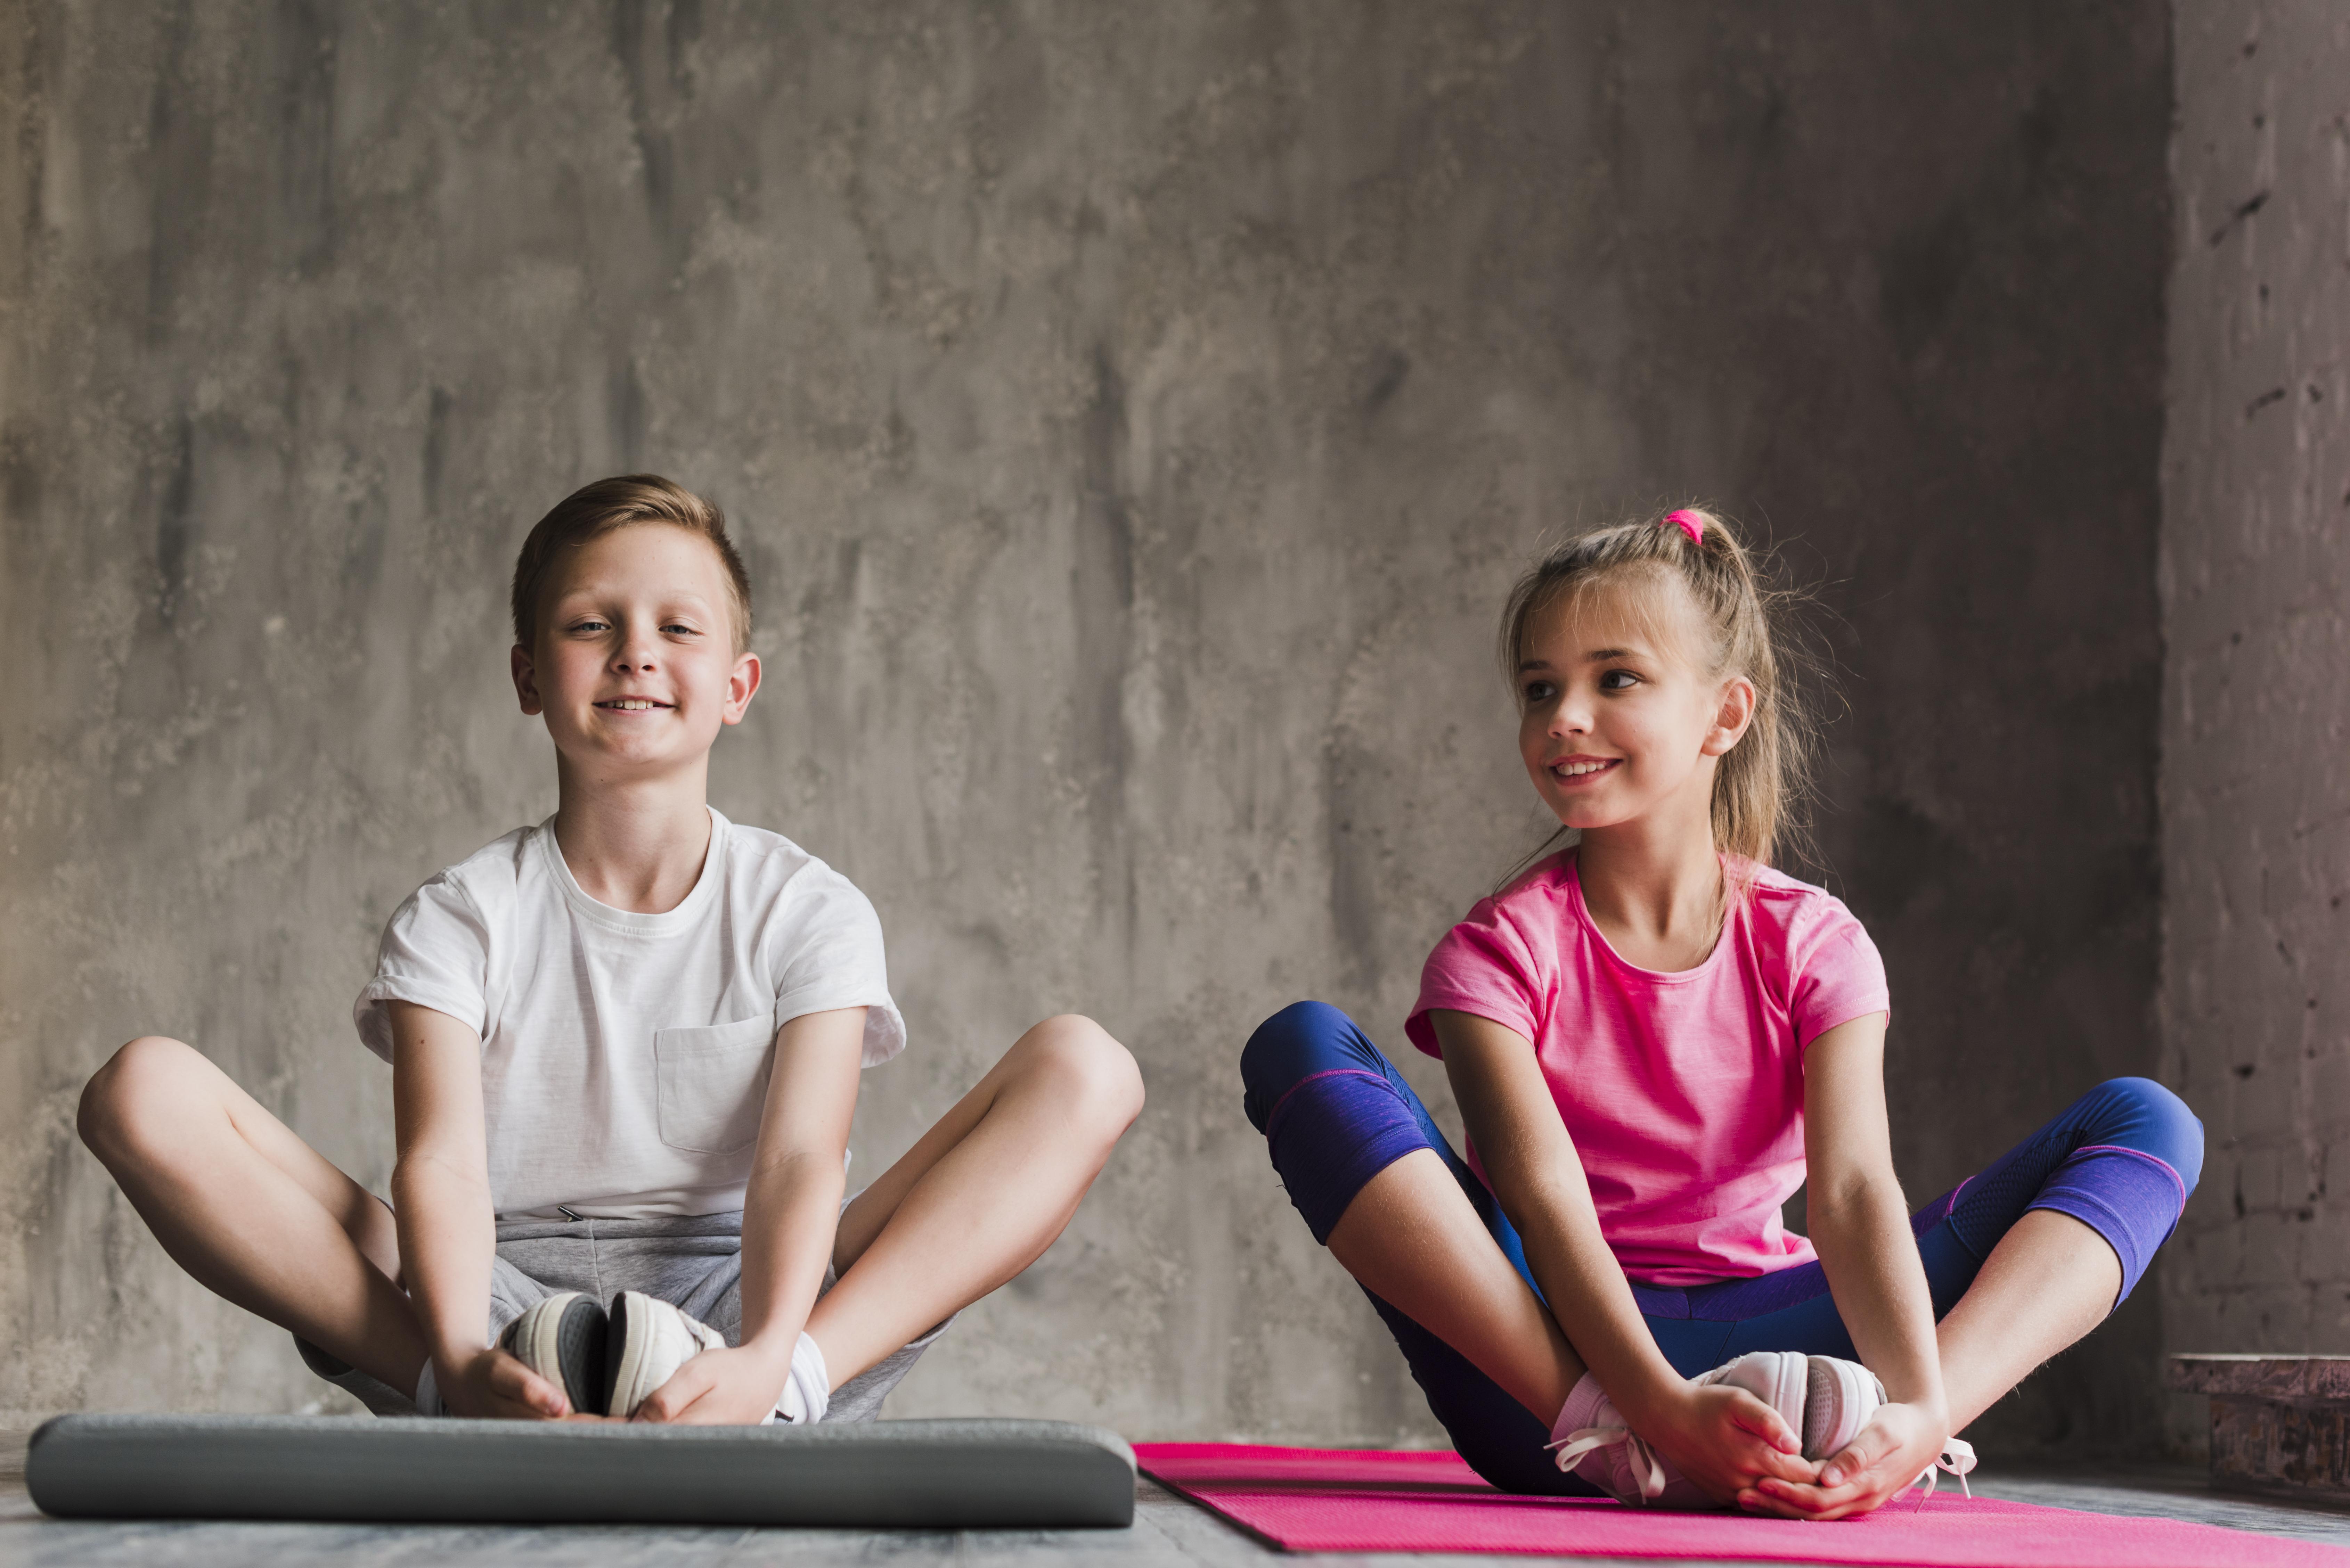 Nezabúdajte na tých najmenších: Aj deti potrebujú pohyb